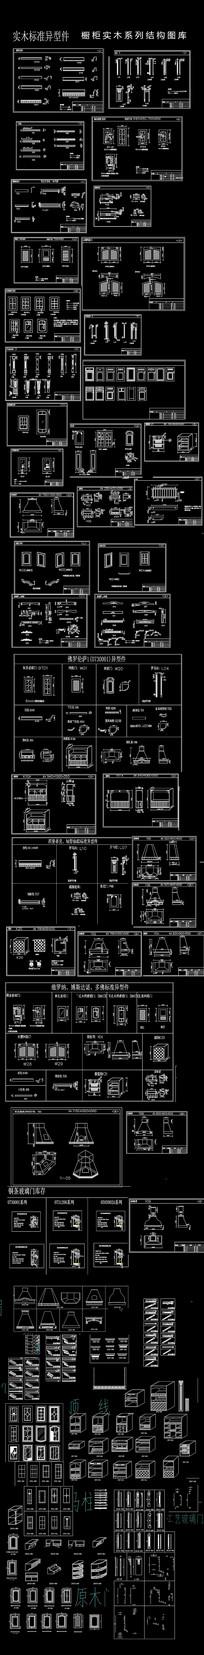 橱柜实木系列结构图库